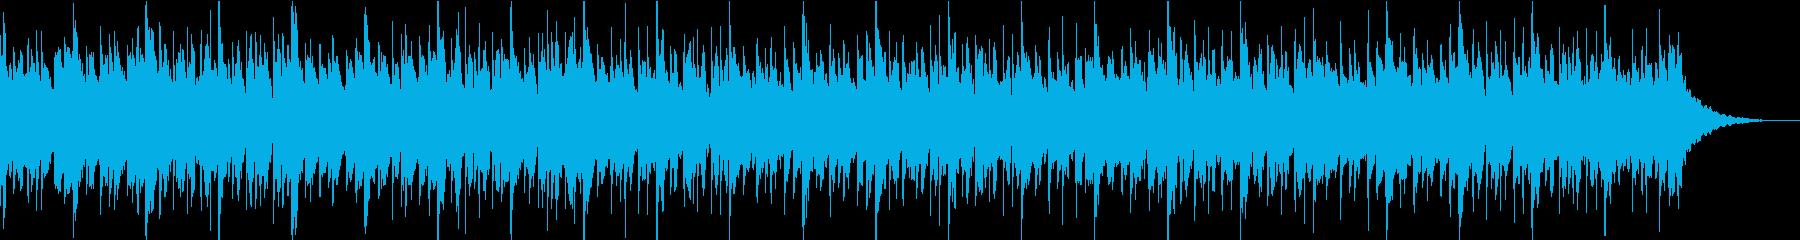 浮遊感のあるキラキラした雰囲気のEDMの再生済みの波形